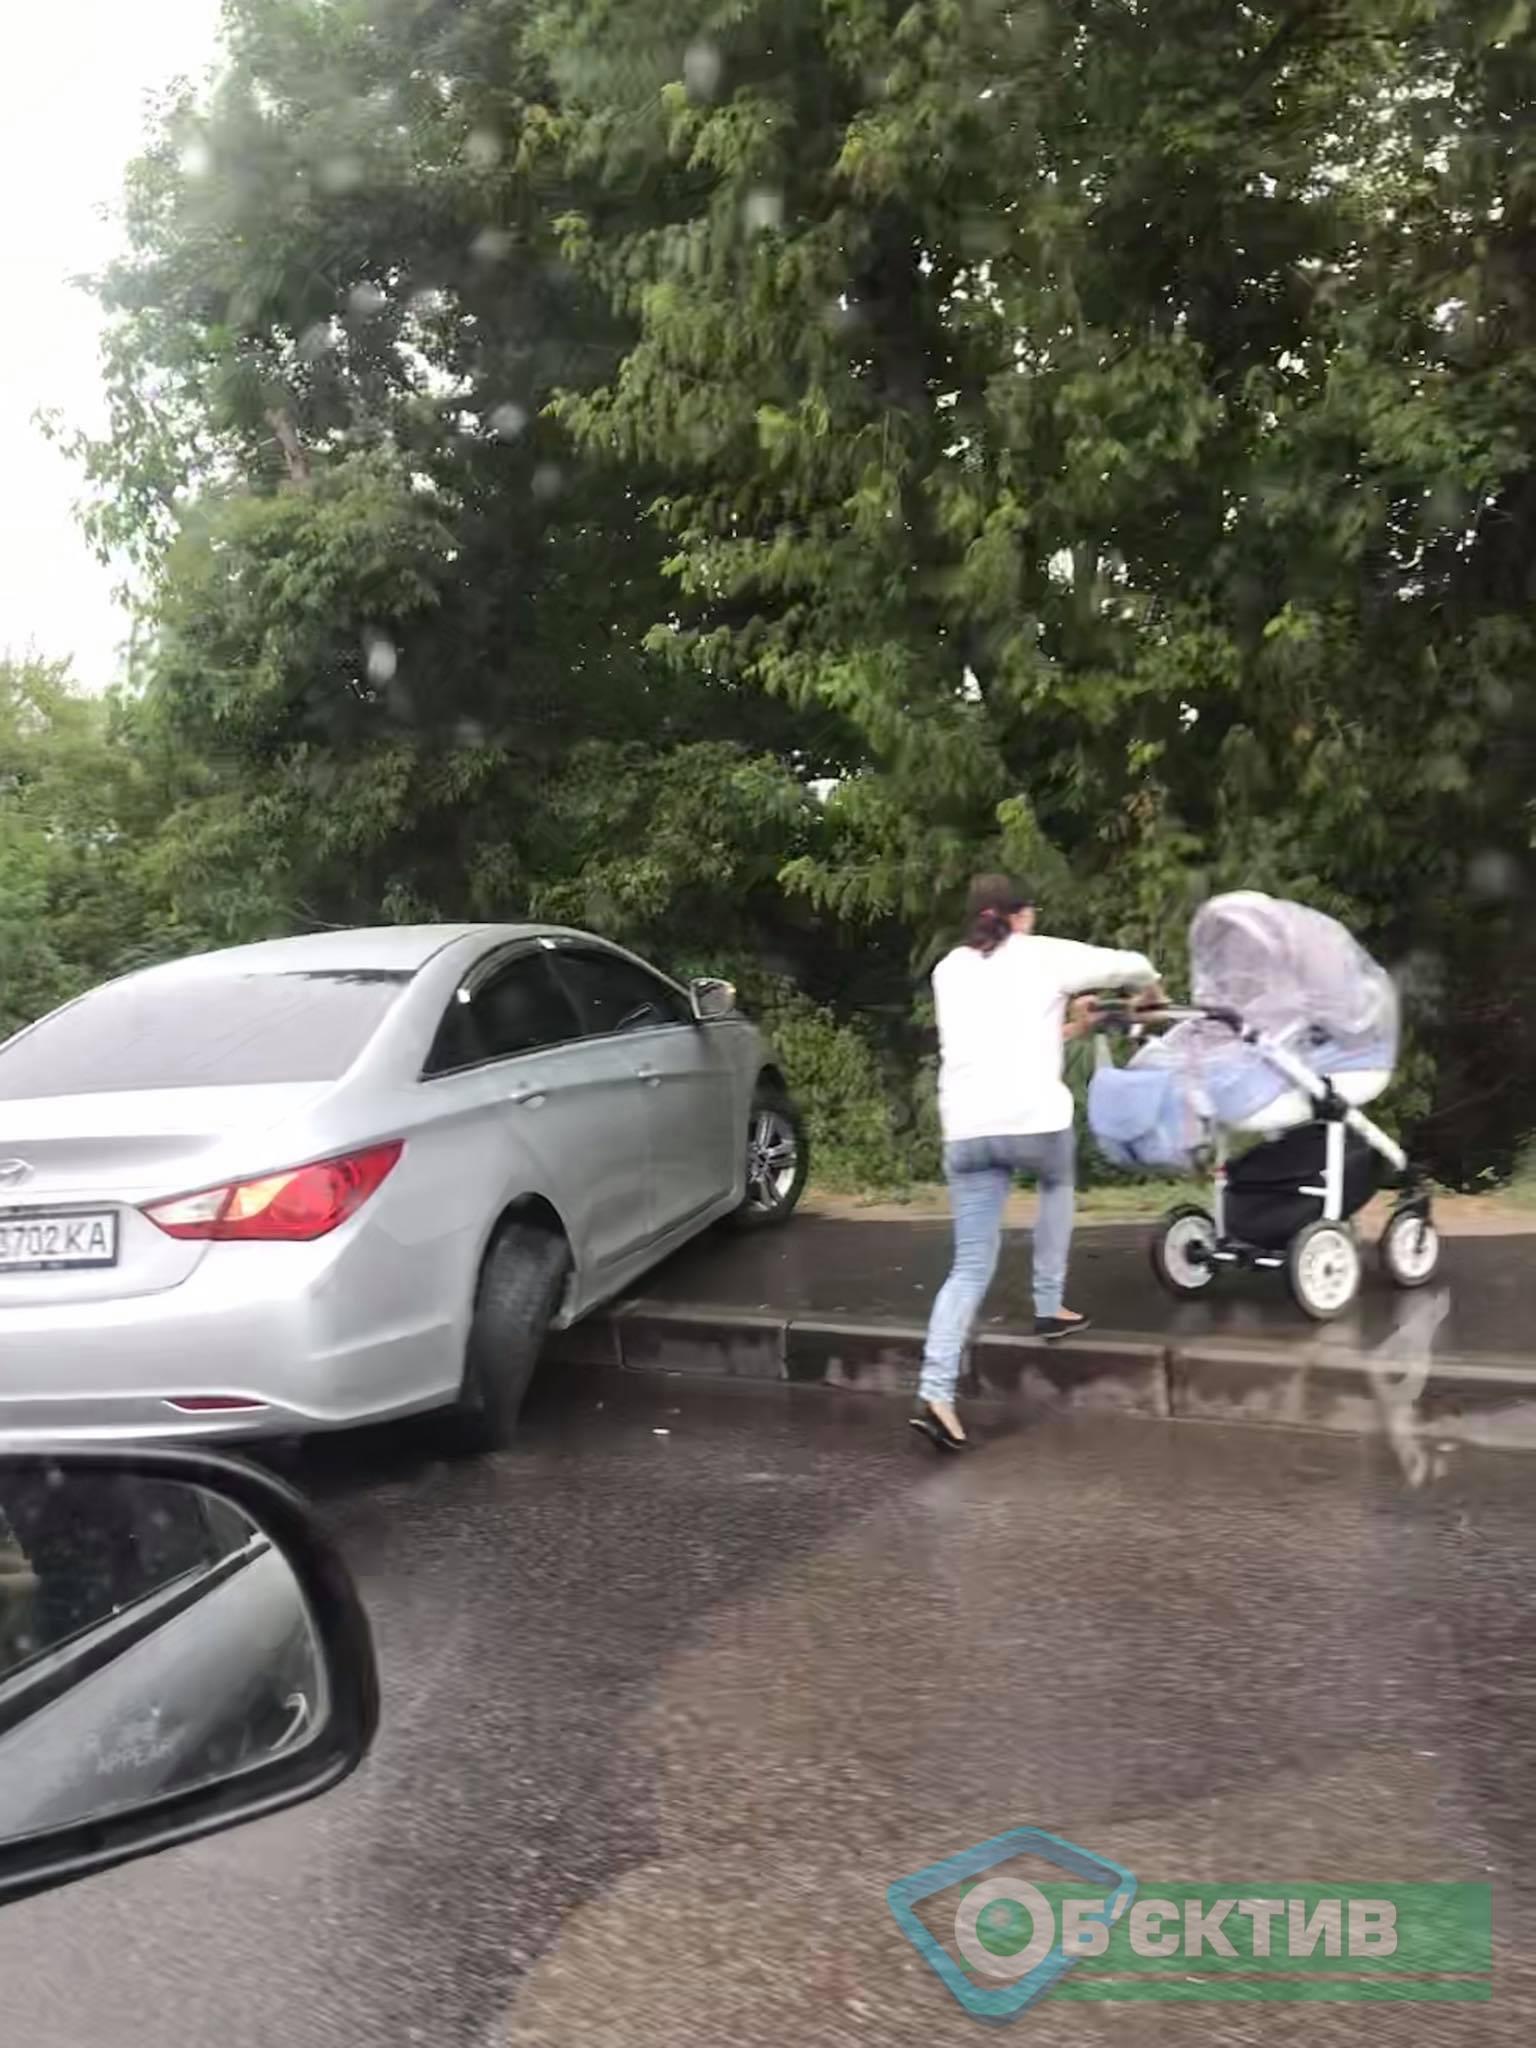 В Харькове иномарка вылетела на тротуар возле остановки и перекрыла проход пешеходам (фото)